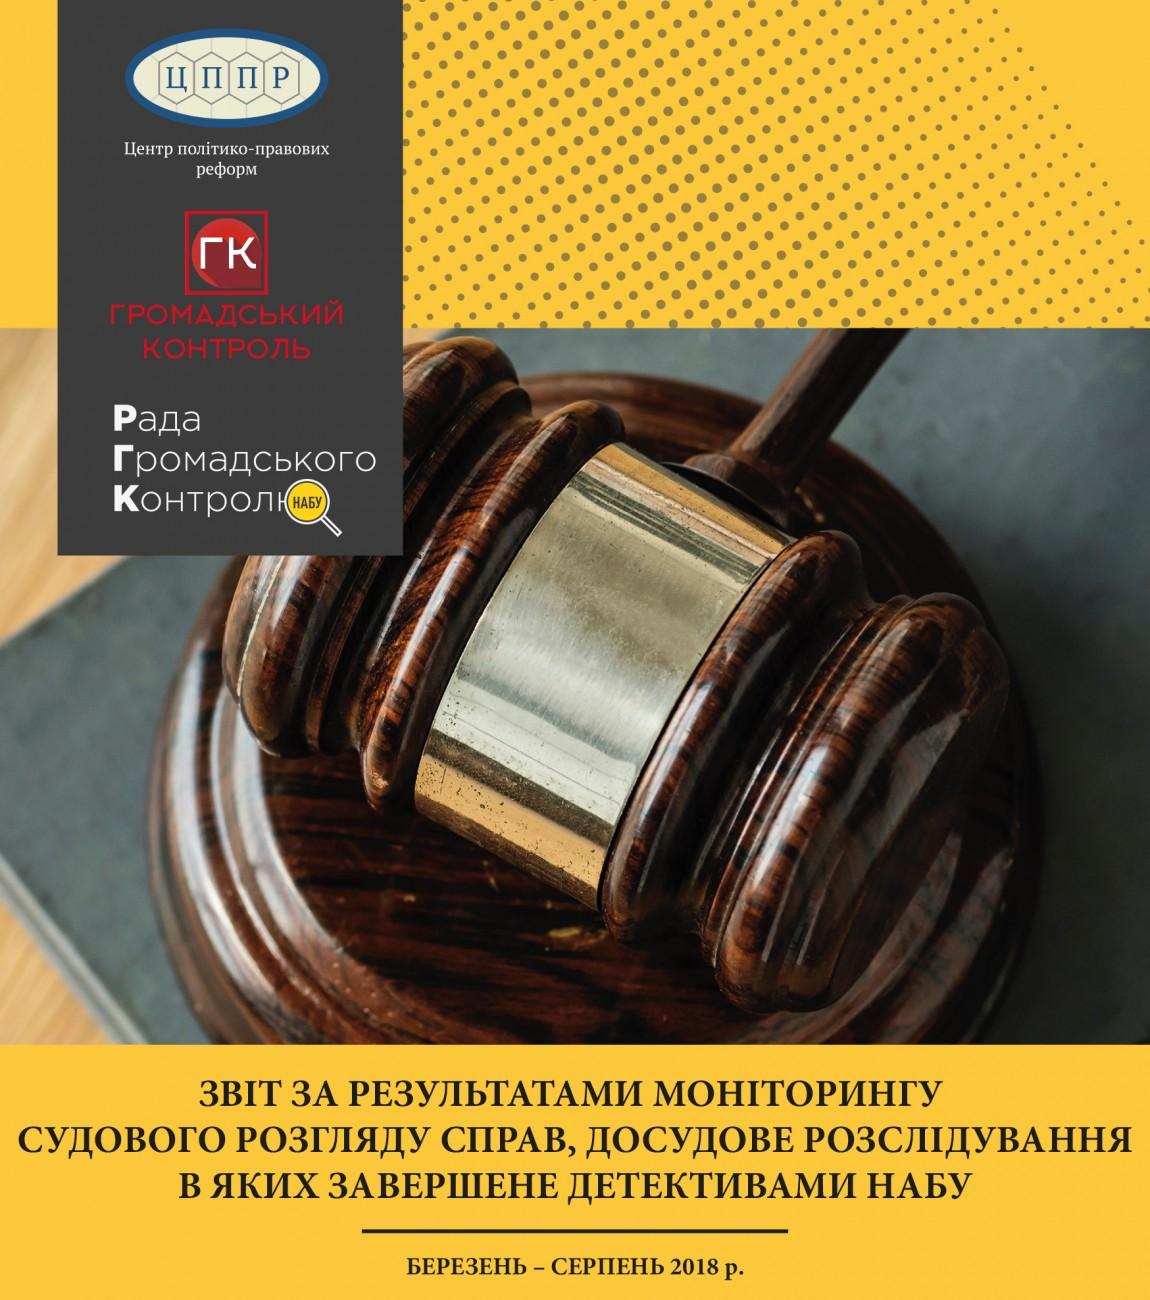 Піврічний звіт судового моніторингу у справах НАБУ-САП